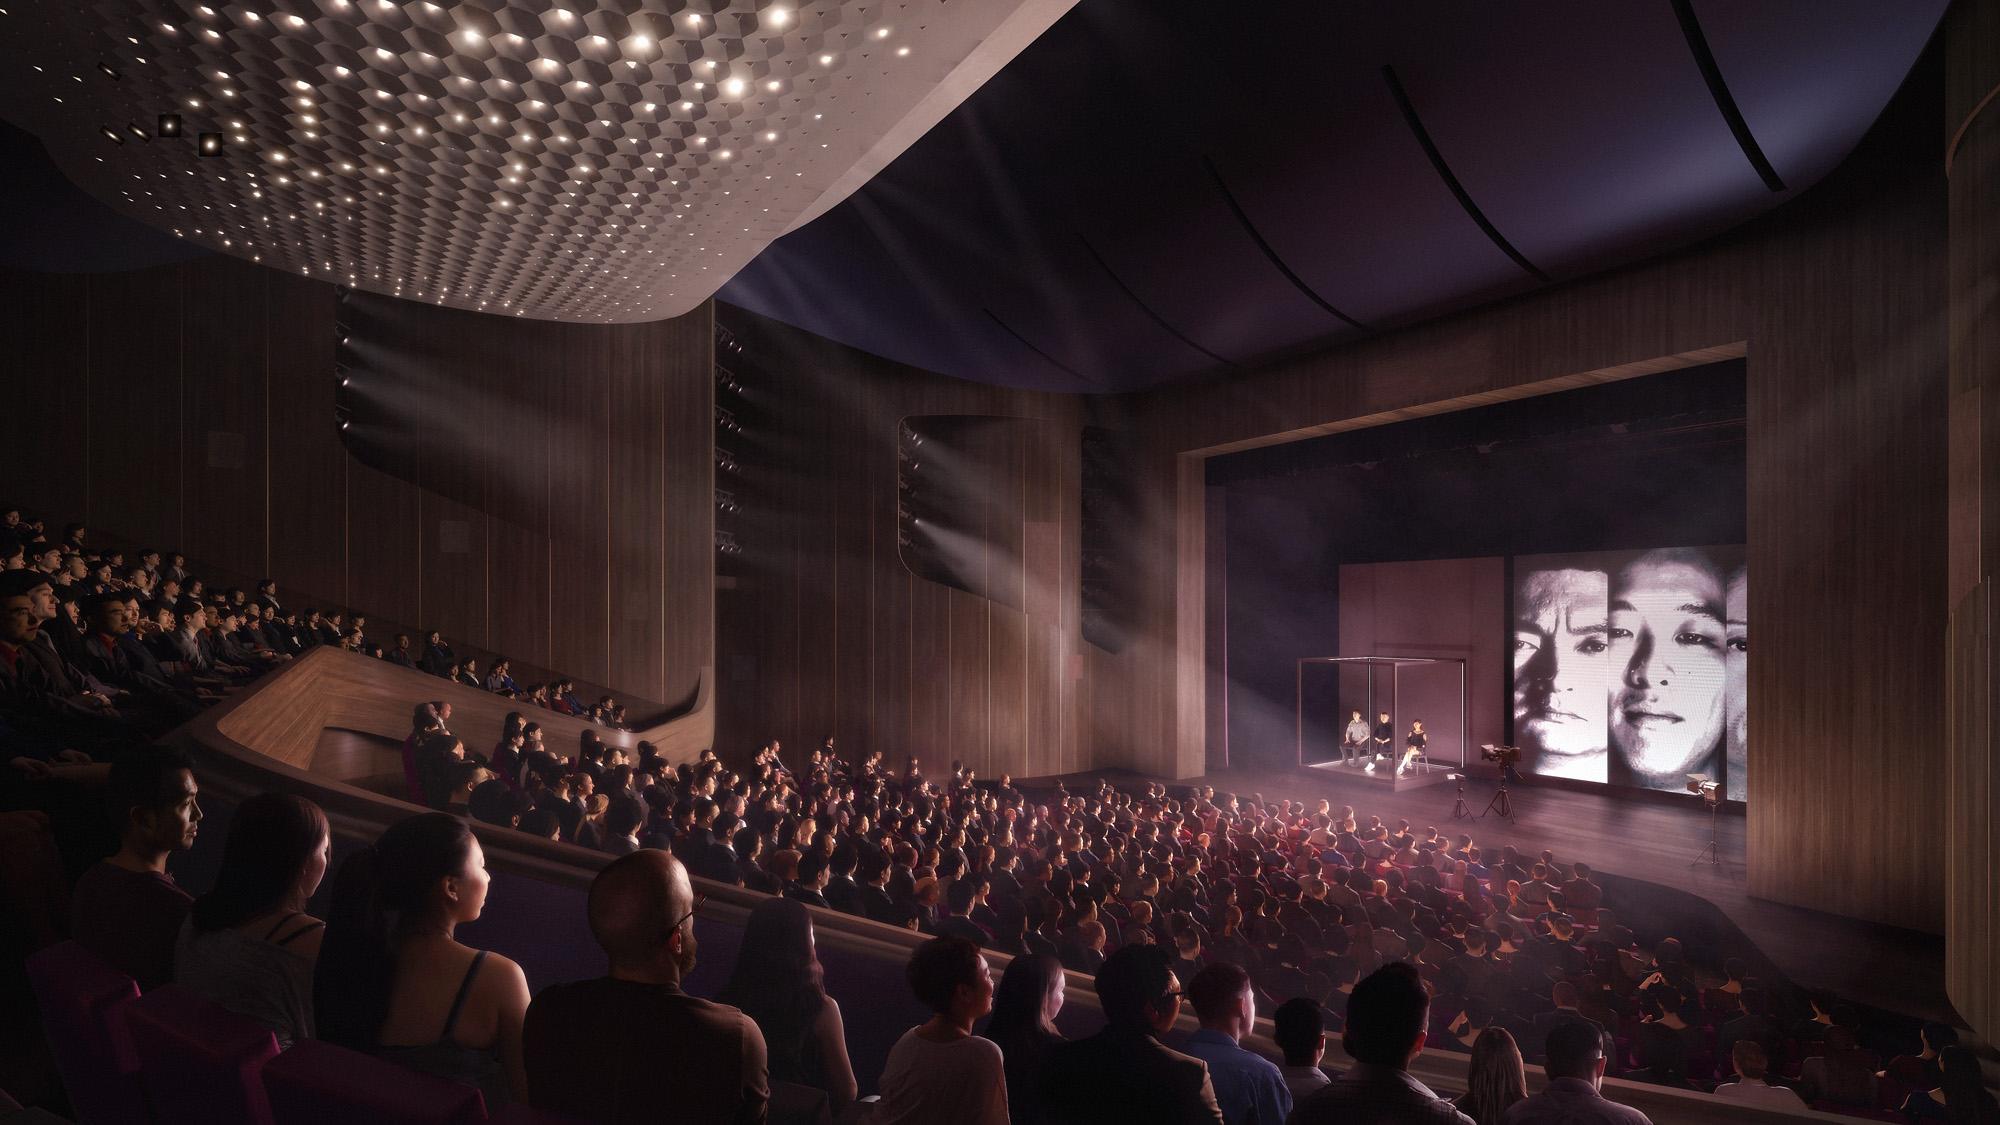 <p>De intiemere zaal van het Medium Theater biedt plaats aan 600 toeschouwers en is bedoeld voor toneel- en dansvoorstellingen. De zaal is uitgevoerd in diep donkerpaars, en een contrasterend notenhouten interieur met metalen details.  Beeld: Hong Kong Repertory Theatre</p>